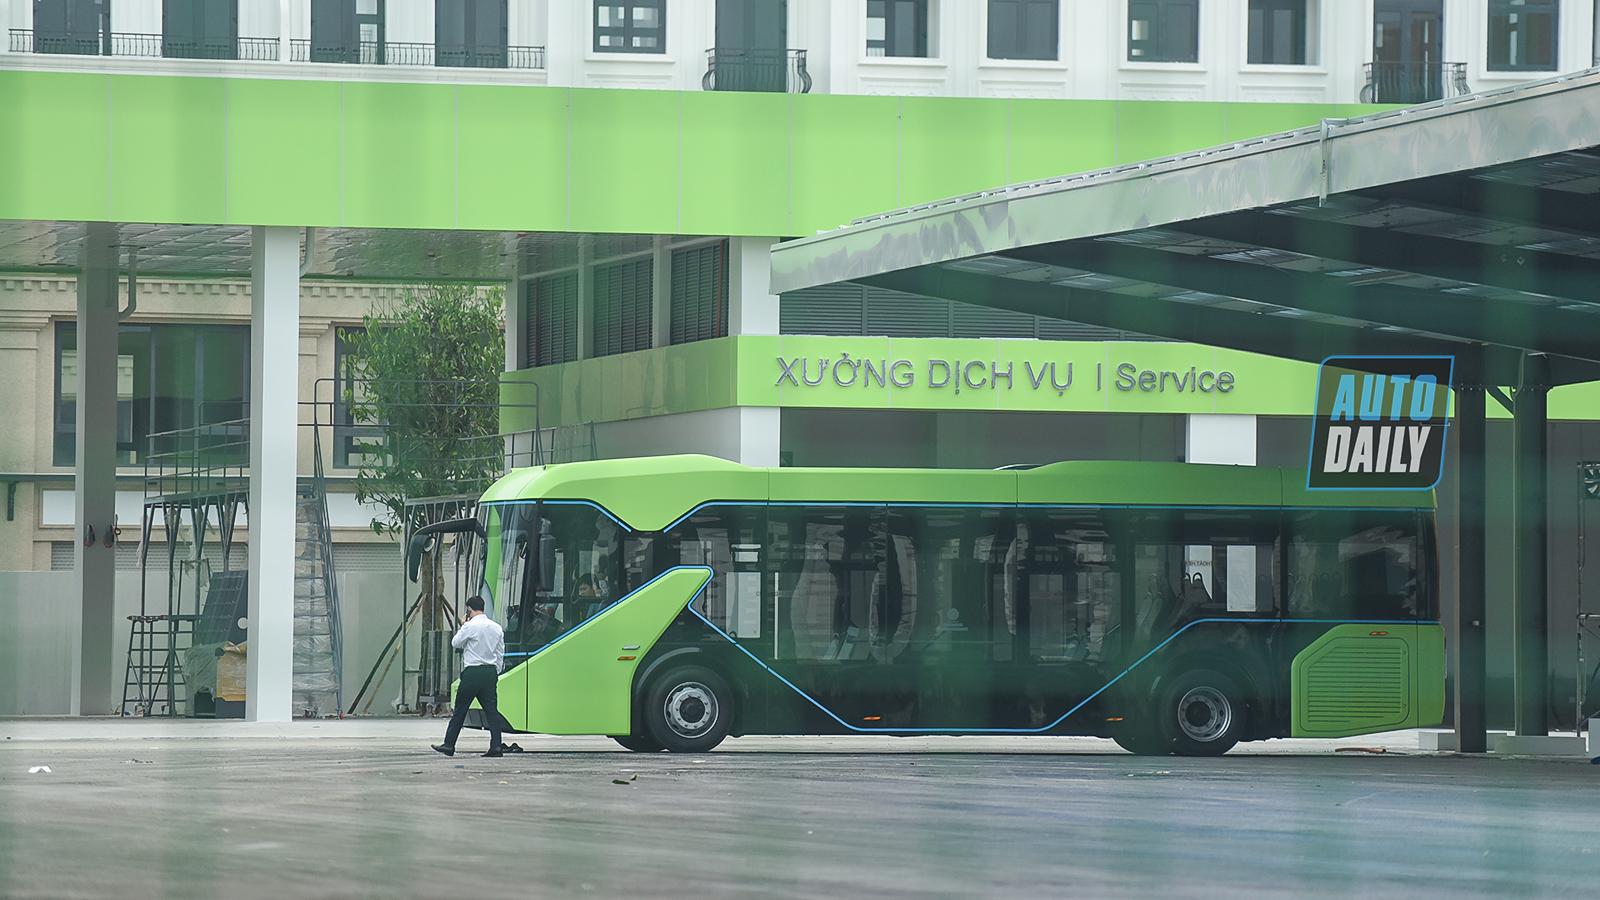 Xe Bus điện của VinFast sắp hoạt động tại Hà Nội, nhà ga chính sắp hoàn thiện dsc-9422-copy.jpg